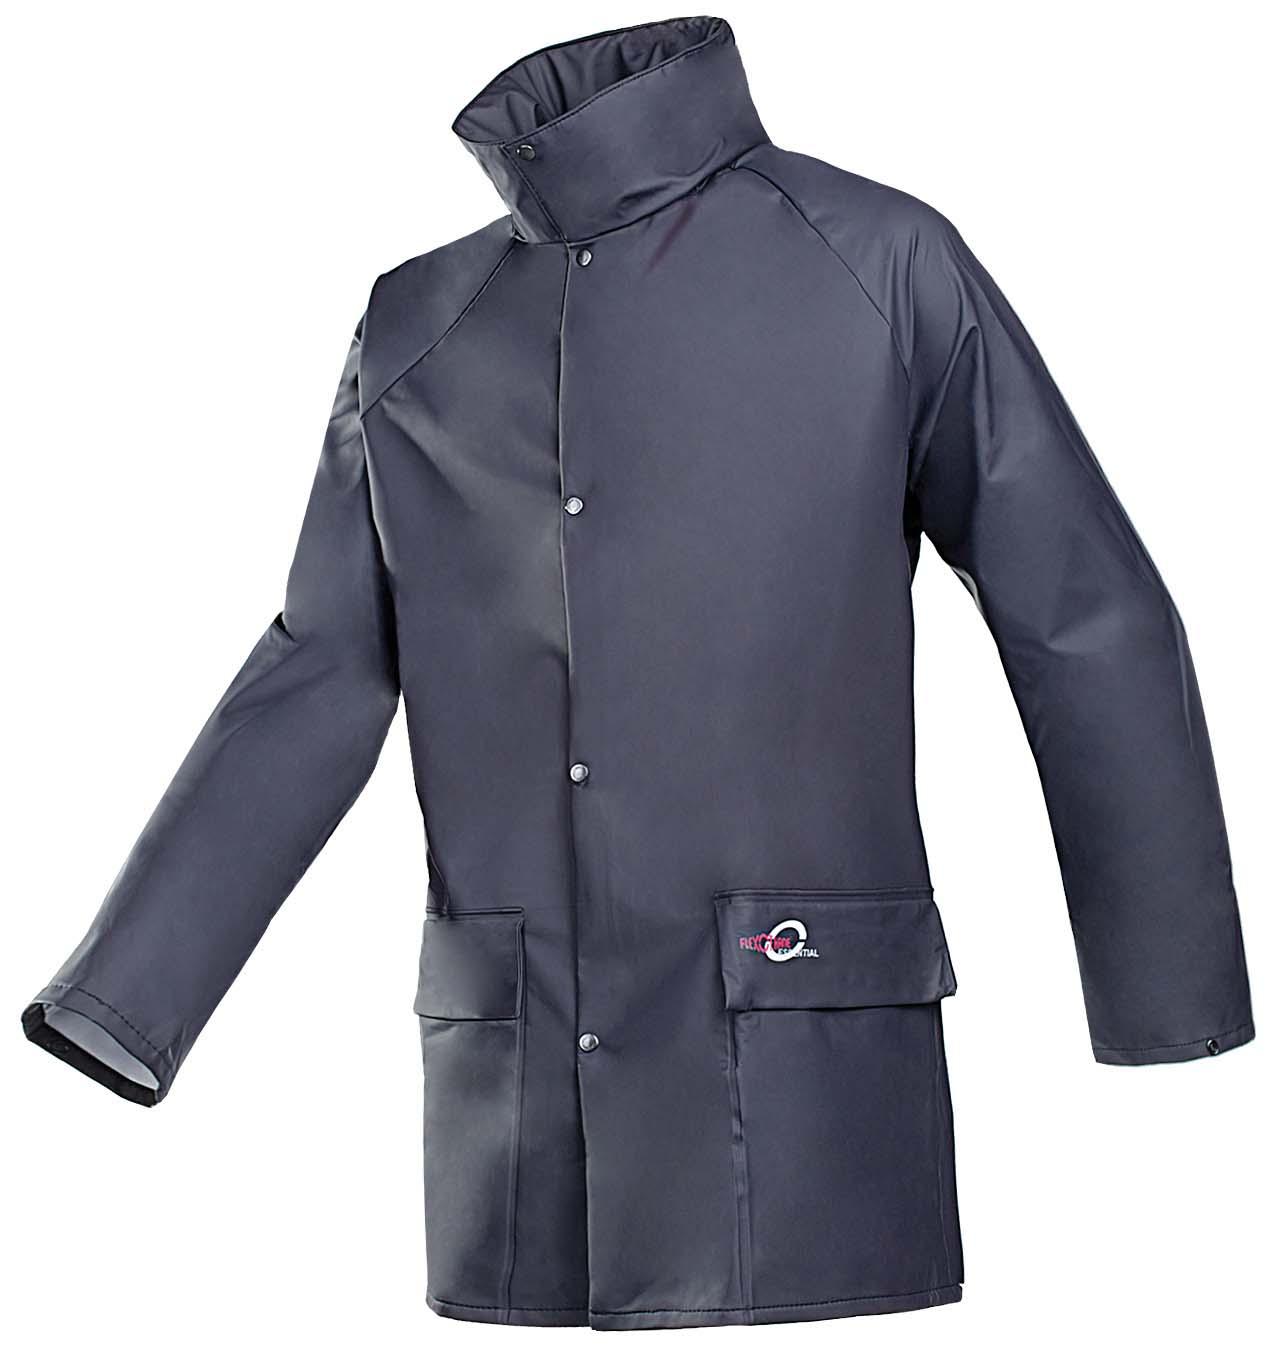 Jacket Navy Flexothane  (XXL) 4145 Bagged Sioen (Breathable Rain Jacket)